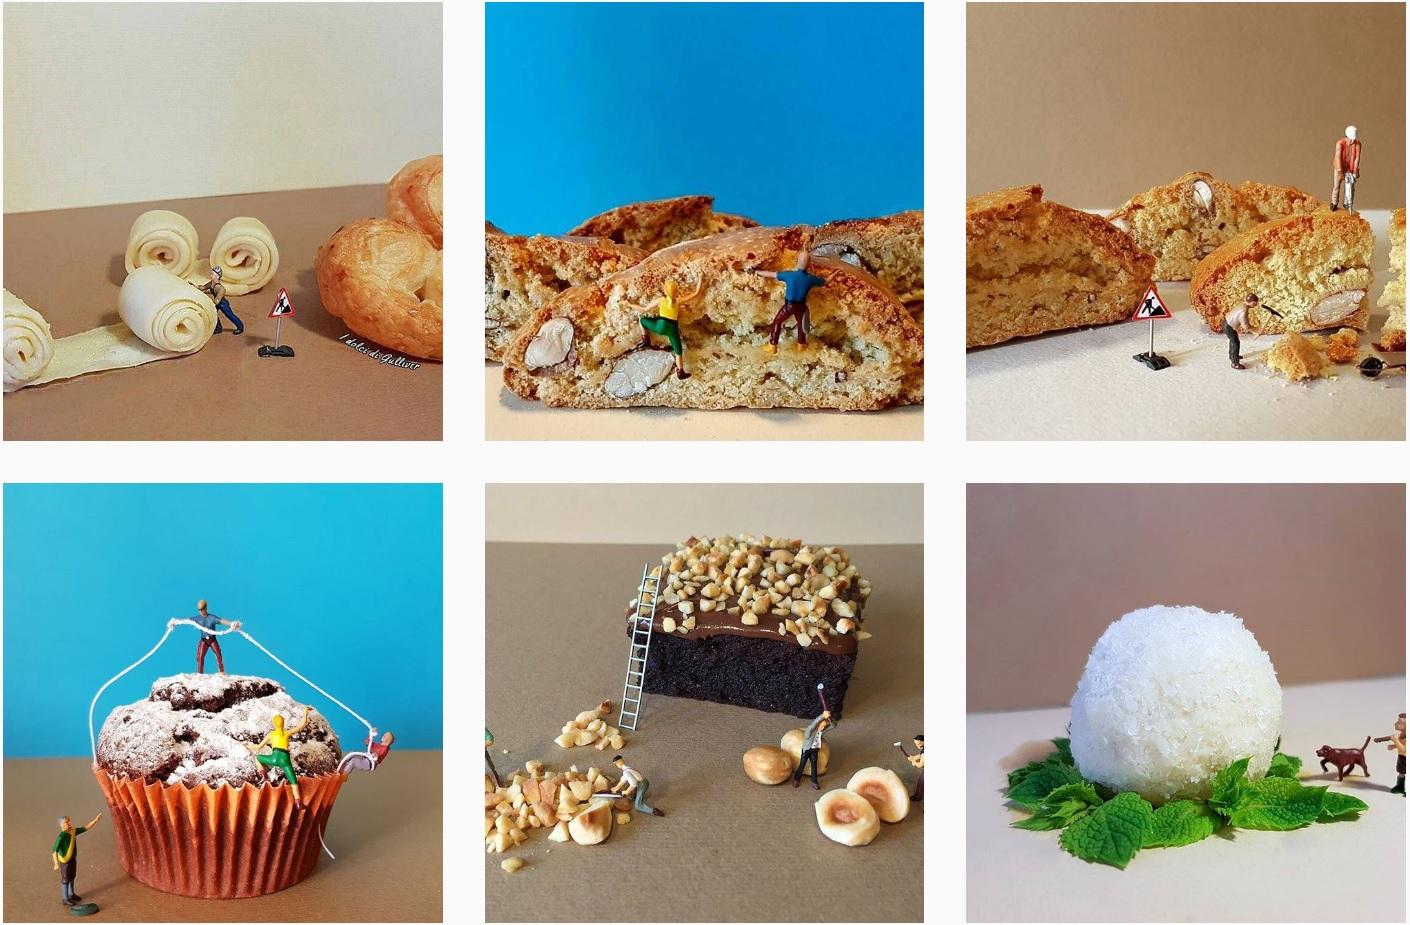 Pastadan Ve Tatılardan Yapılmış Minyatür Figürler